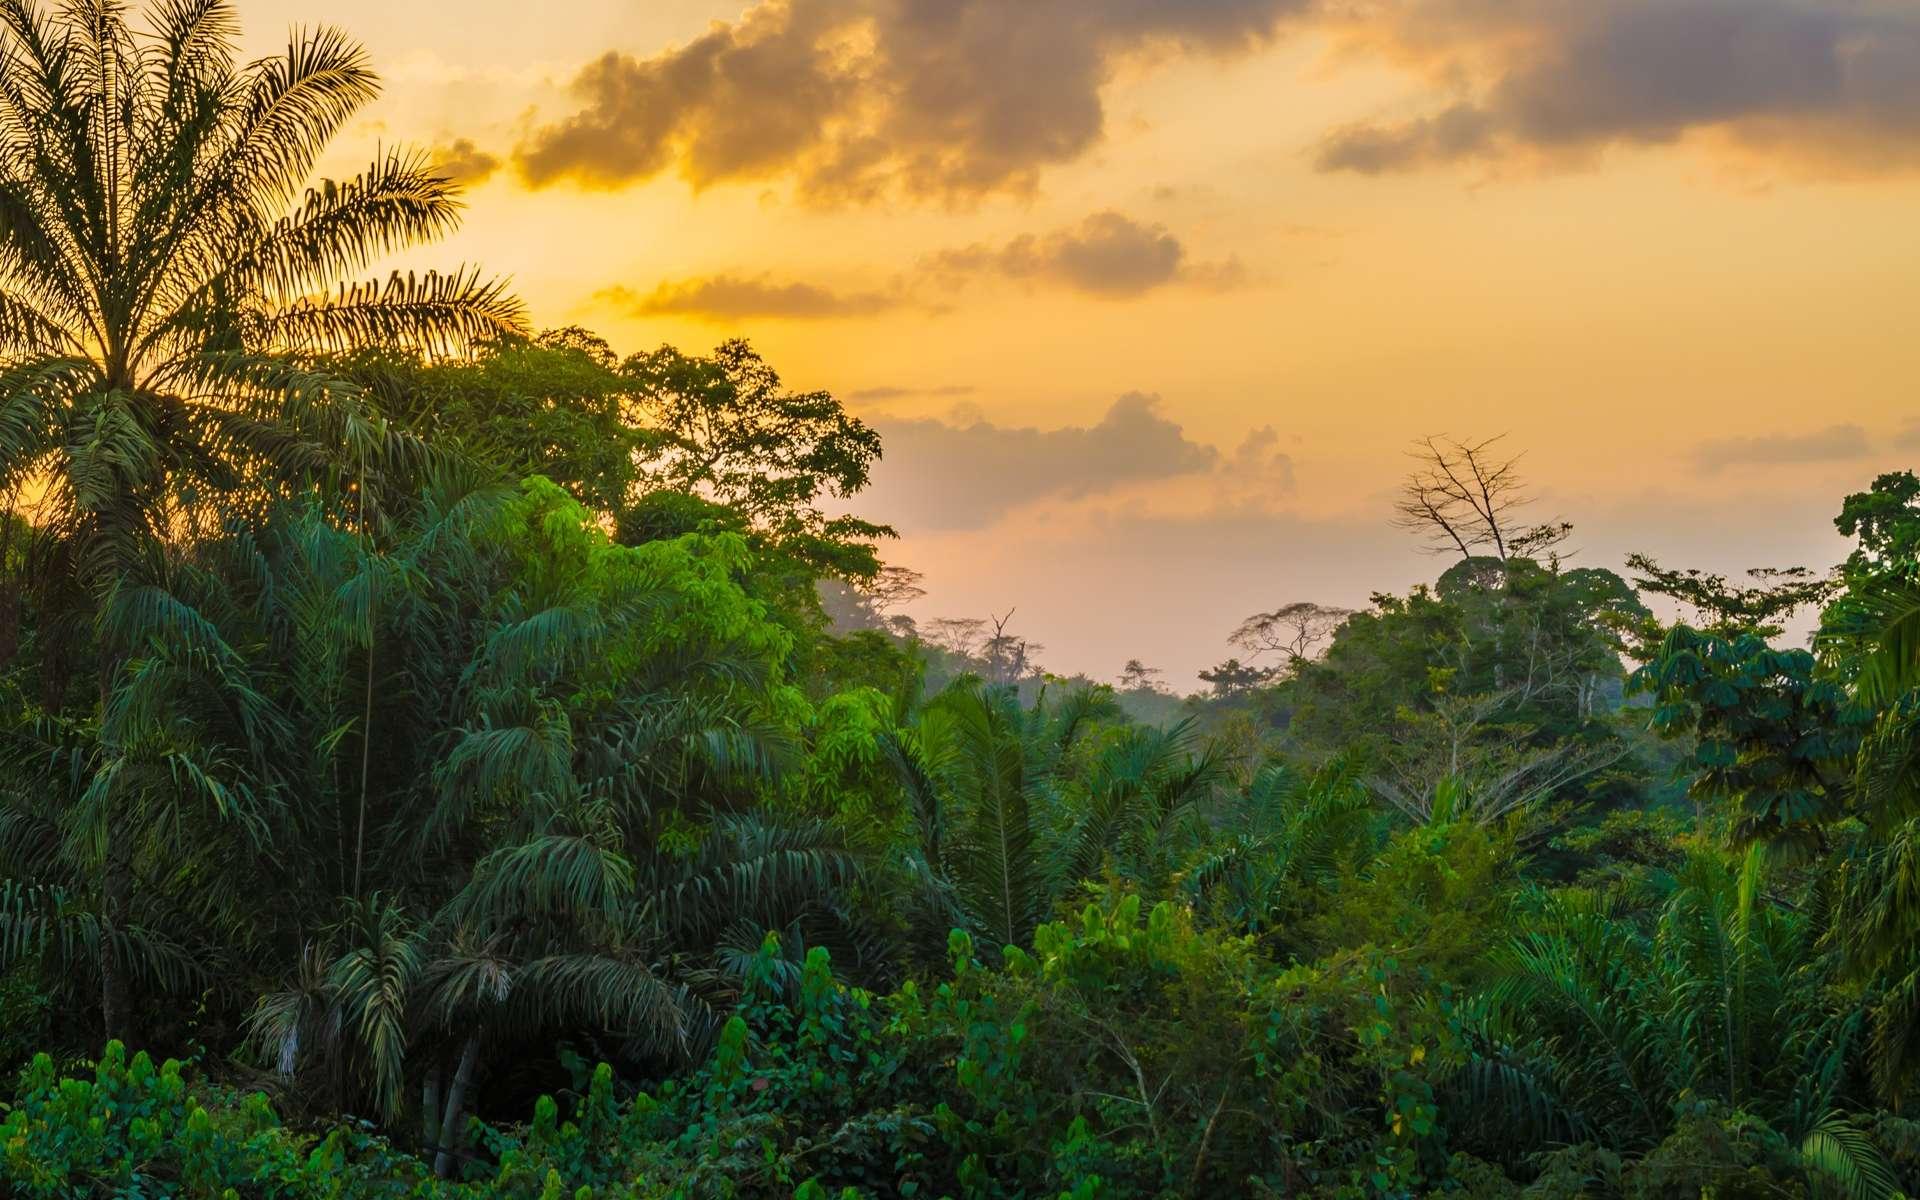 Une forêt tropicale au Libéria, Afrique de l'Ouest. © Fabian, Adobe tock